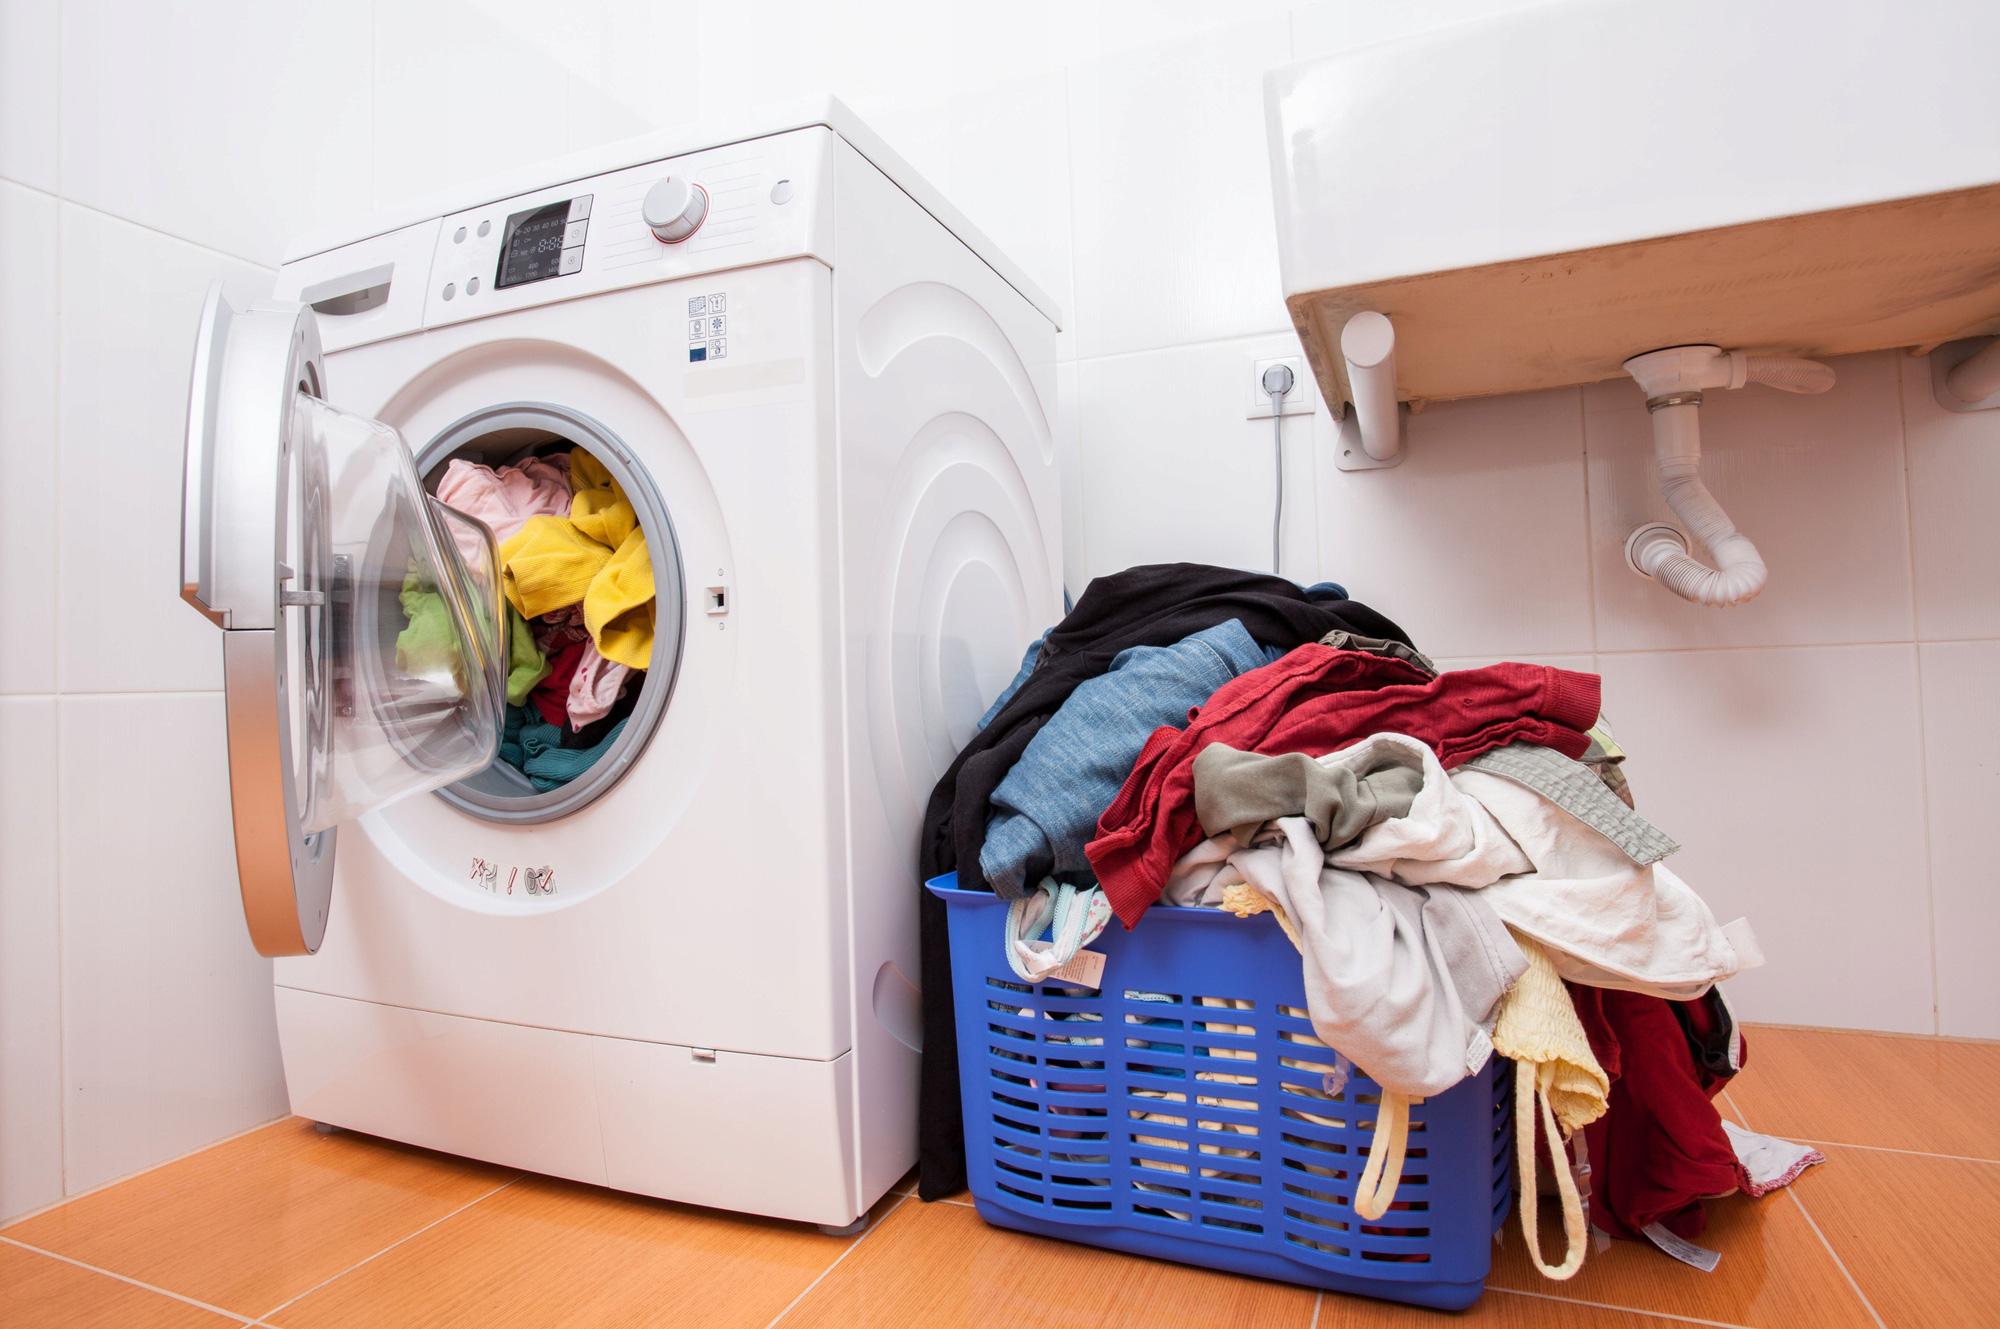 Mẹo tiết kiệm điện nước hiệu quả khi dùng máy giặt tại nhà - Ảnh 2.